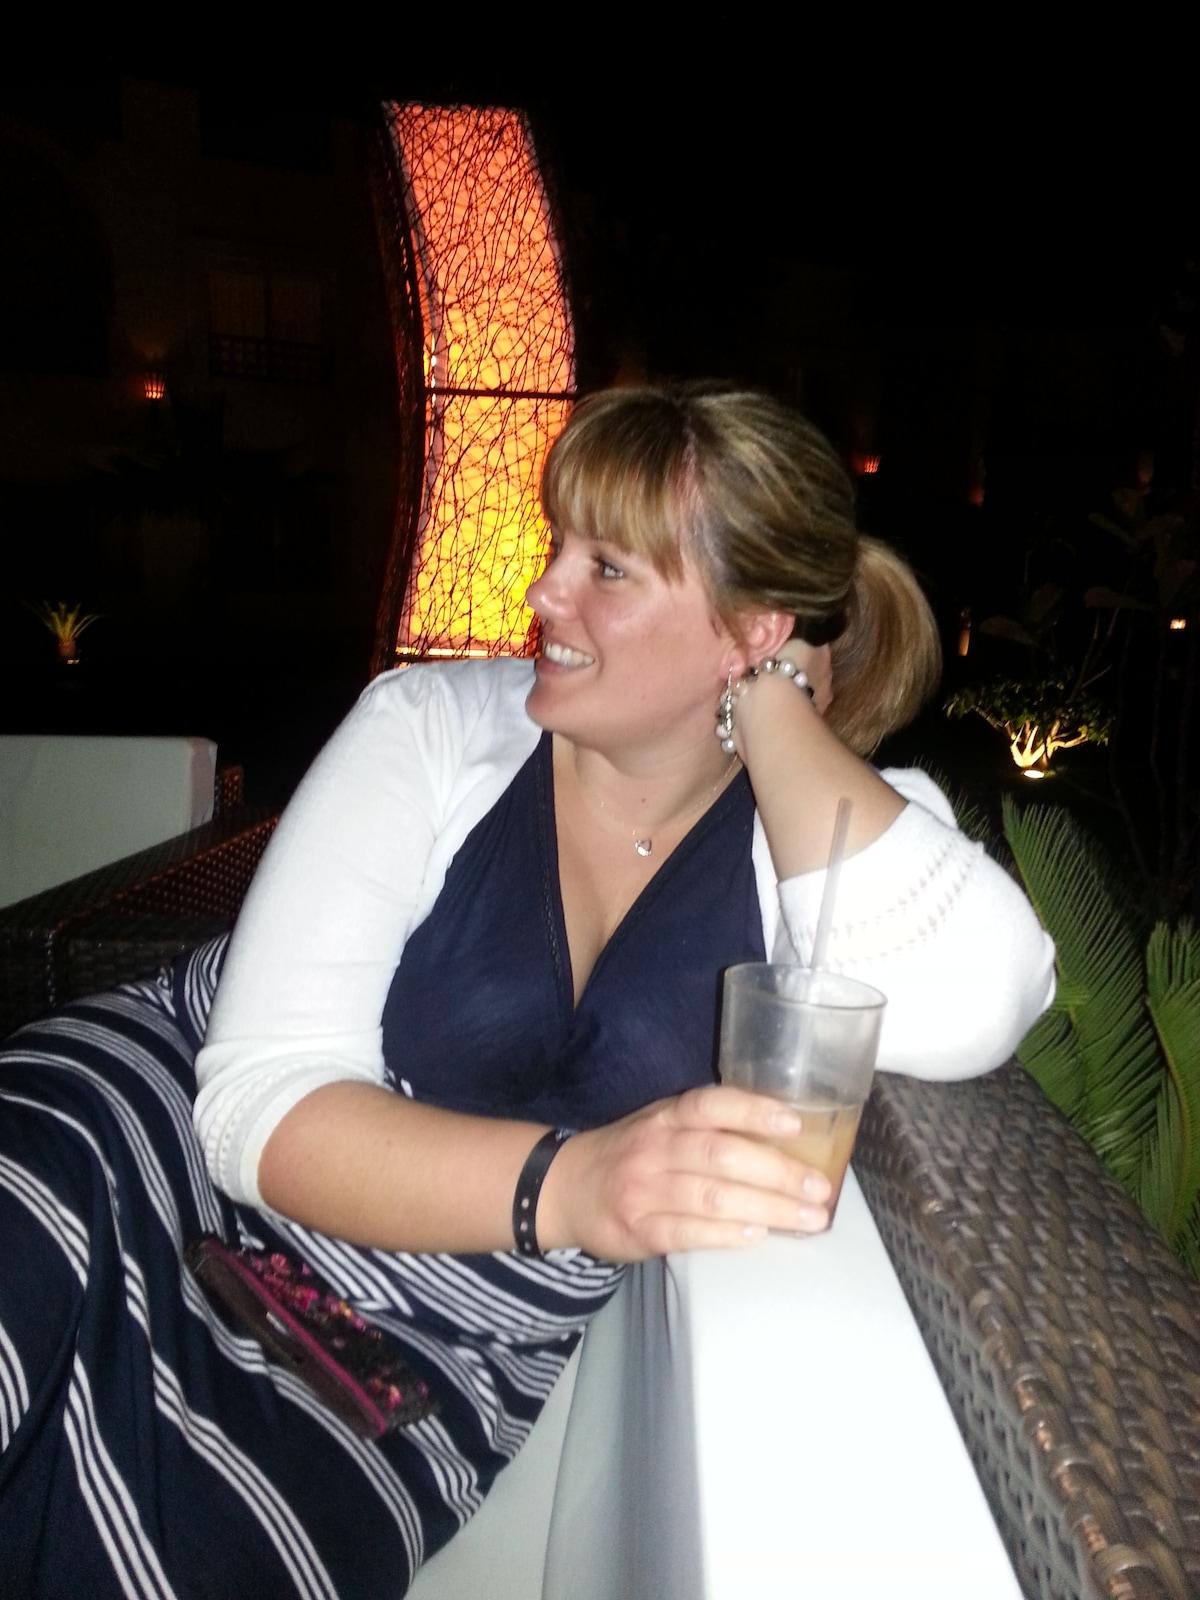 Helen from Burgess Hill